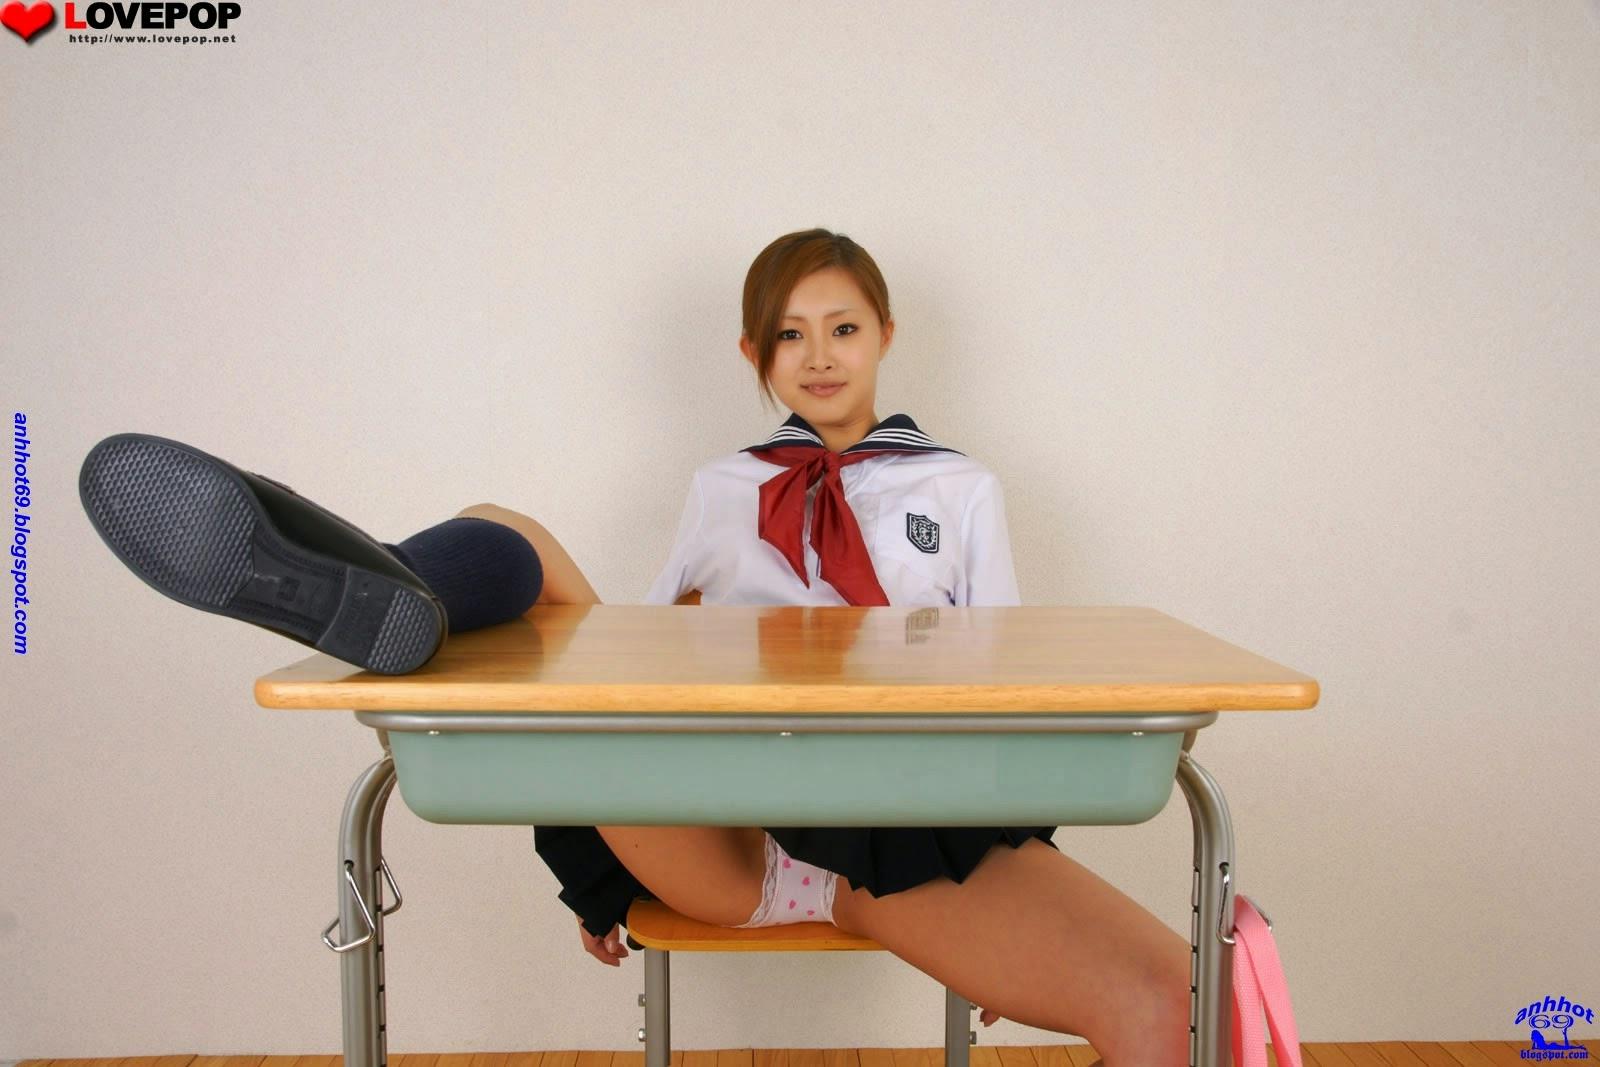 suzuka-ishikawa-00696816